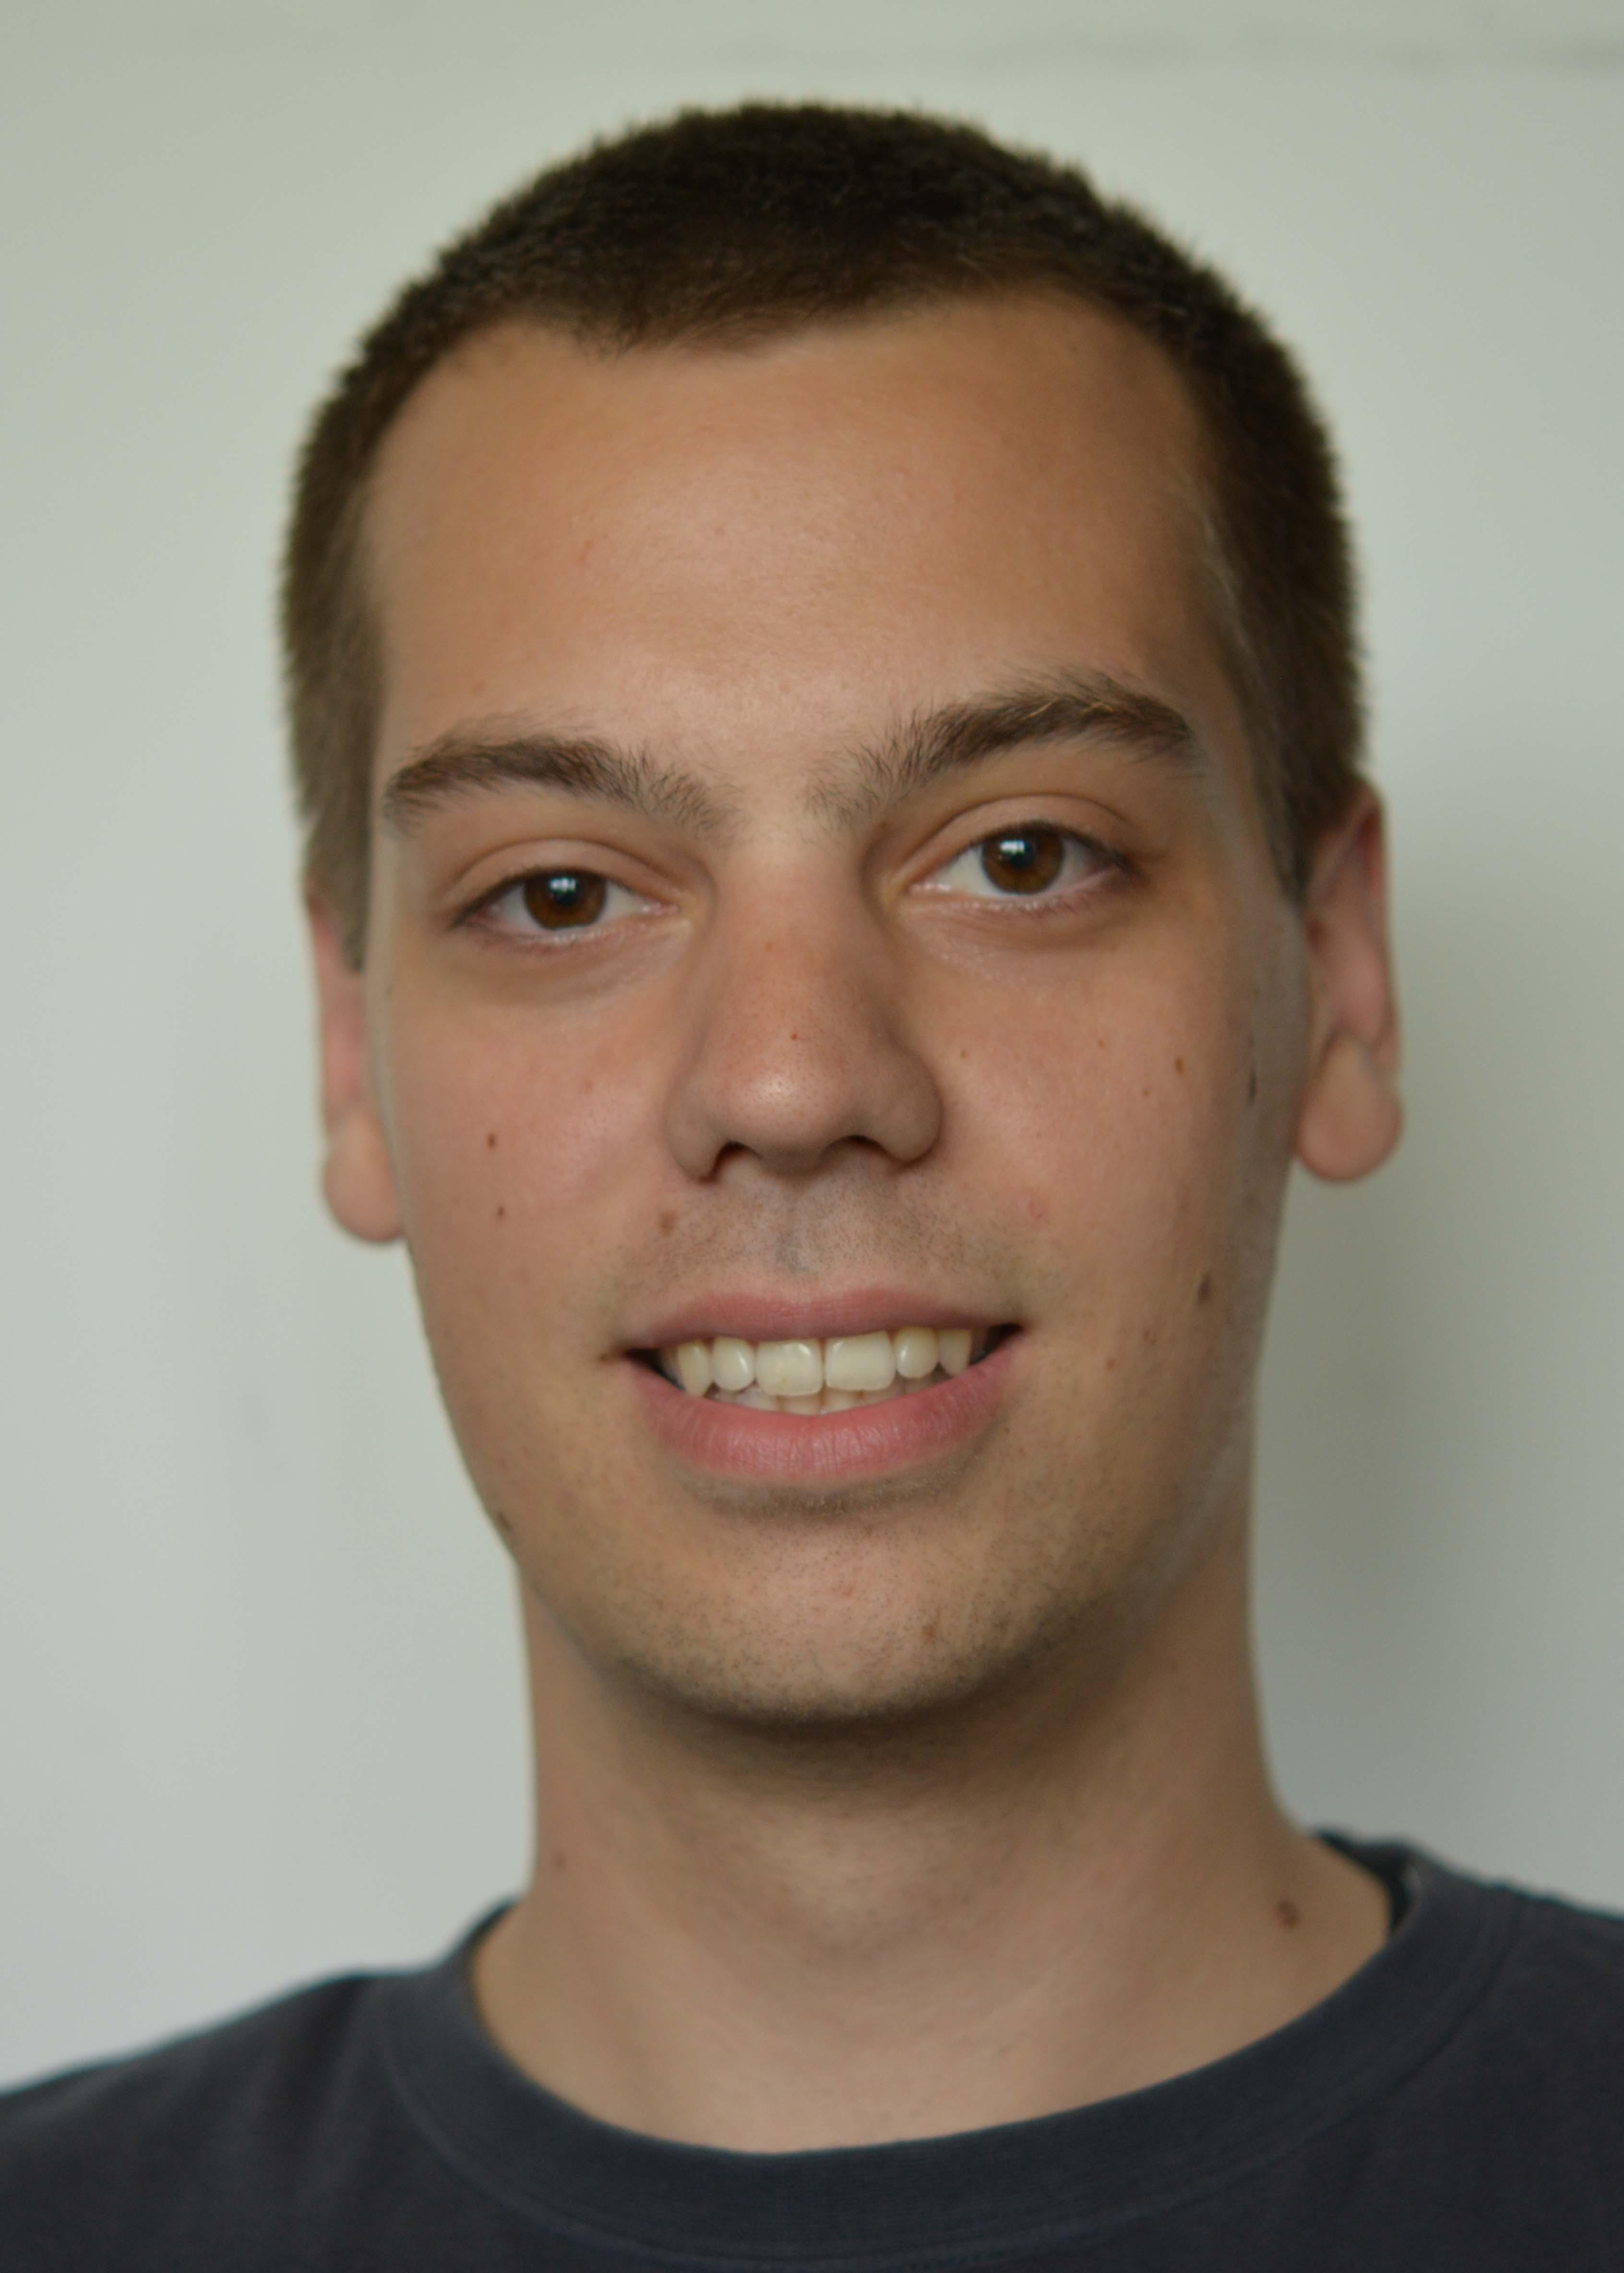 Luis Köbele